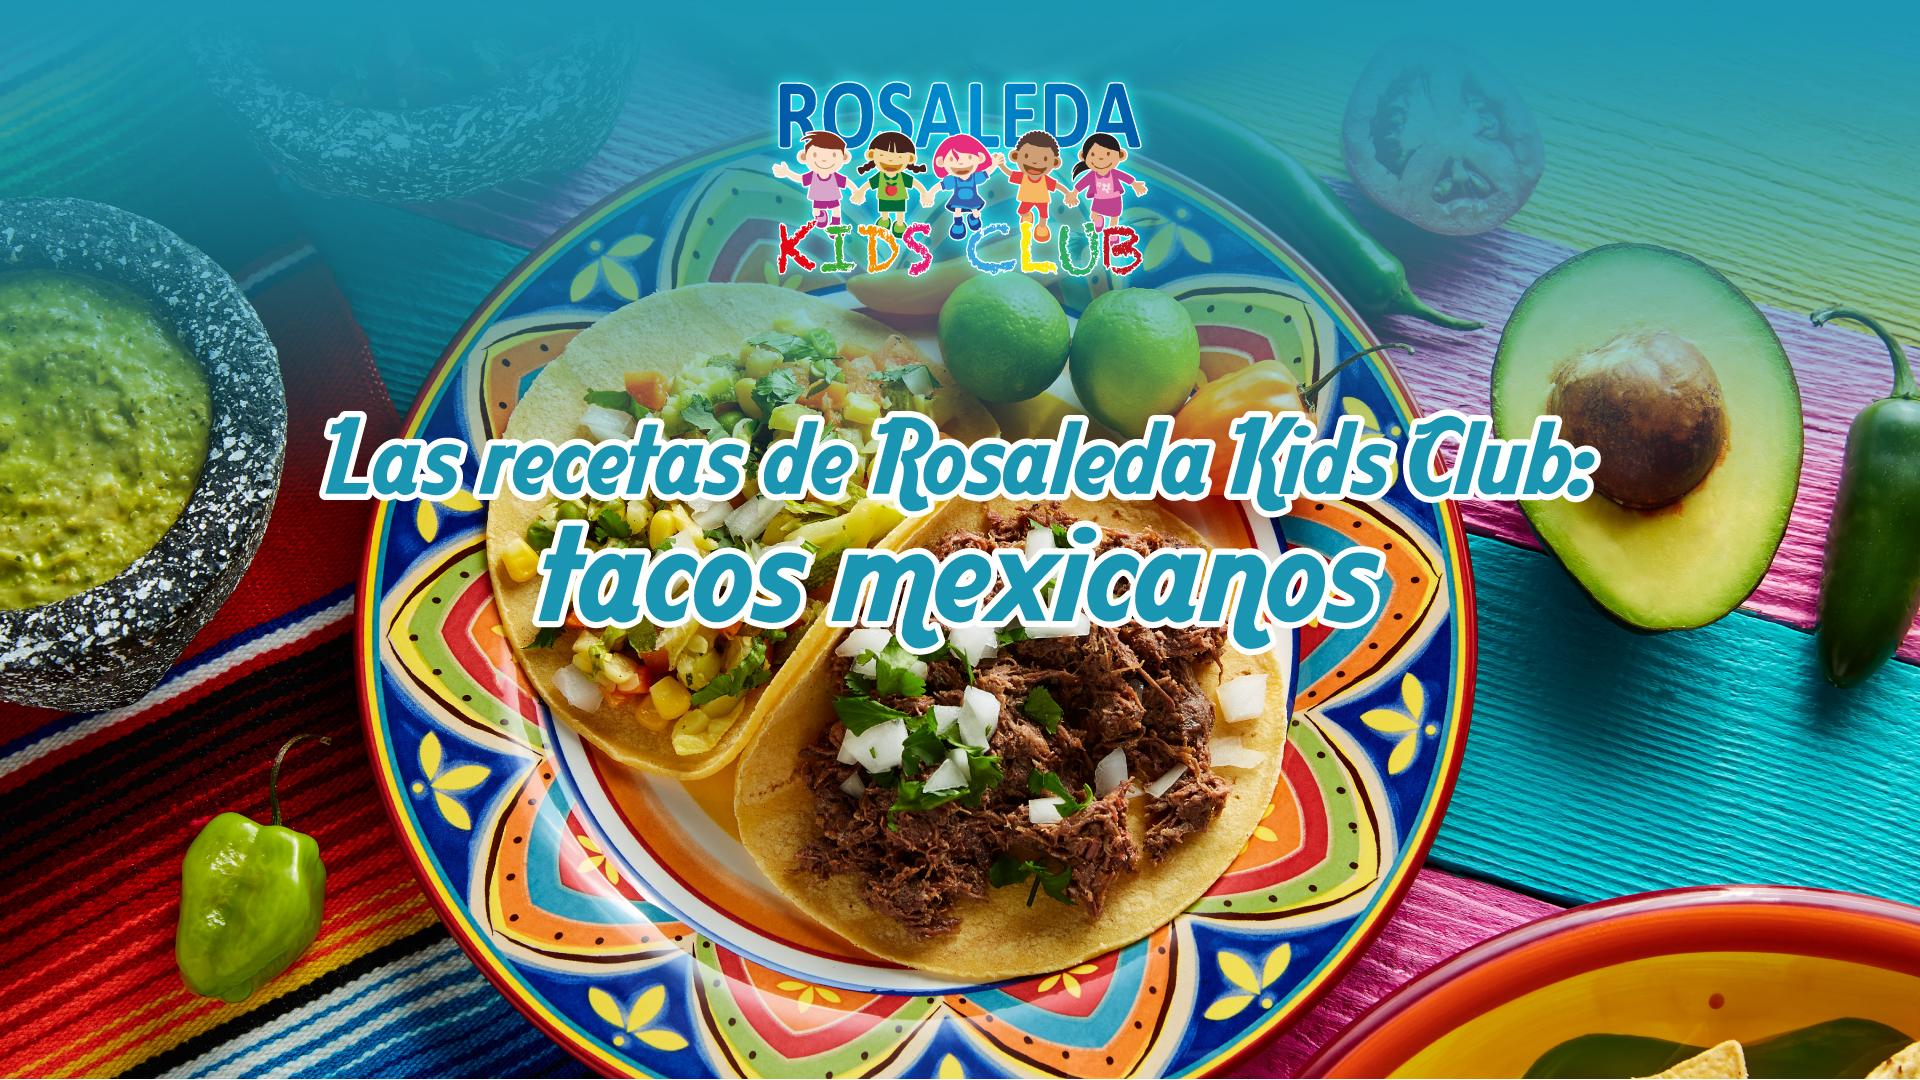 Las recetas de Rosaleda Kids Club: tacos mexicanos